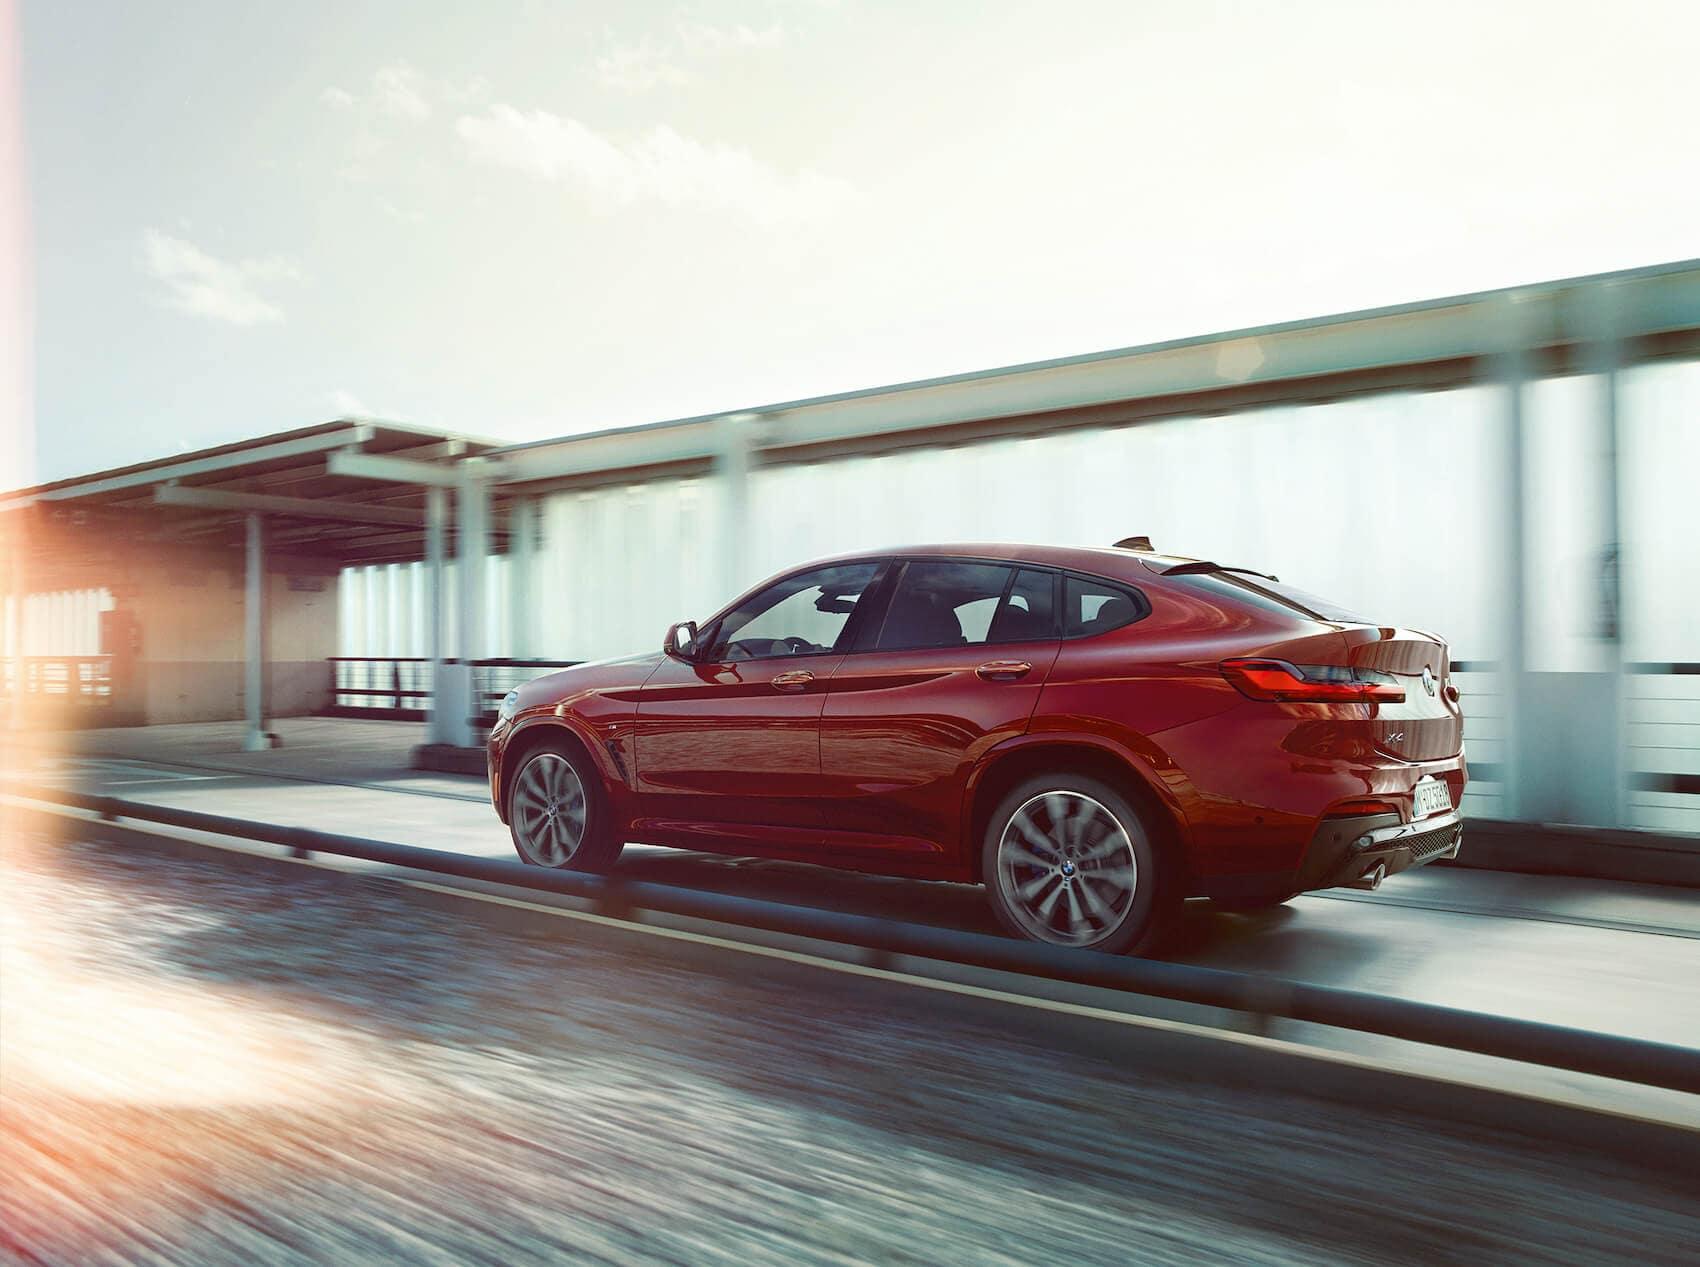 BMW X4 Performance